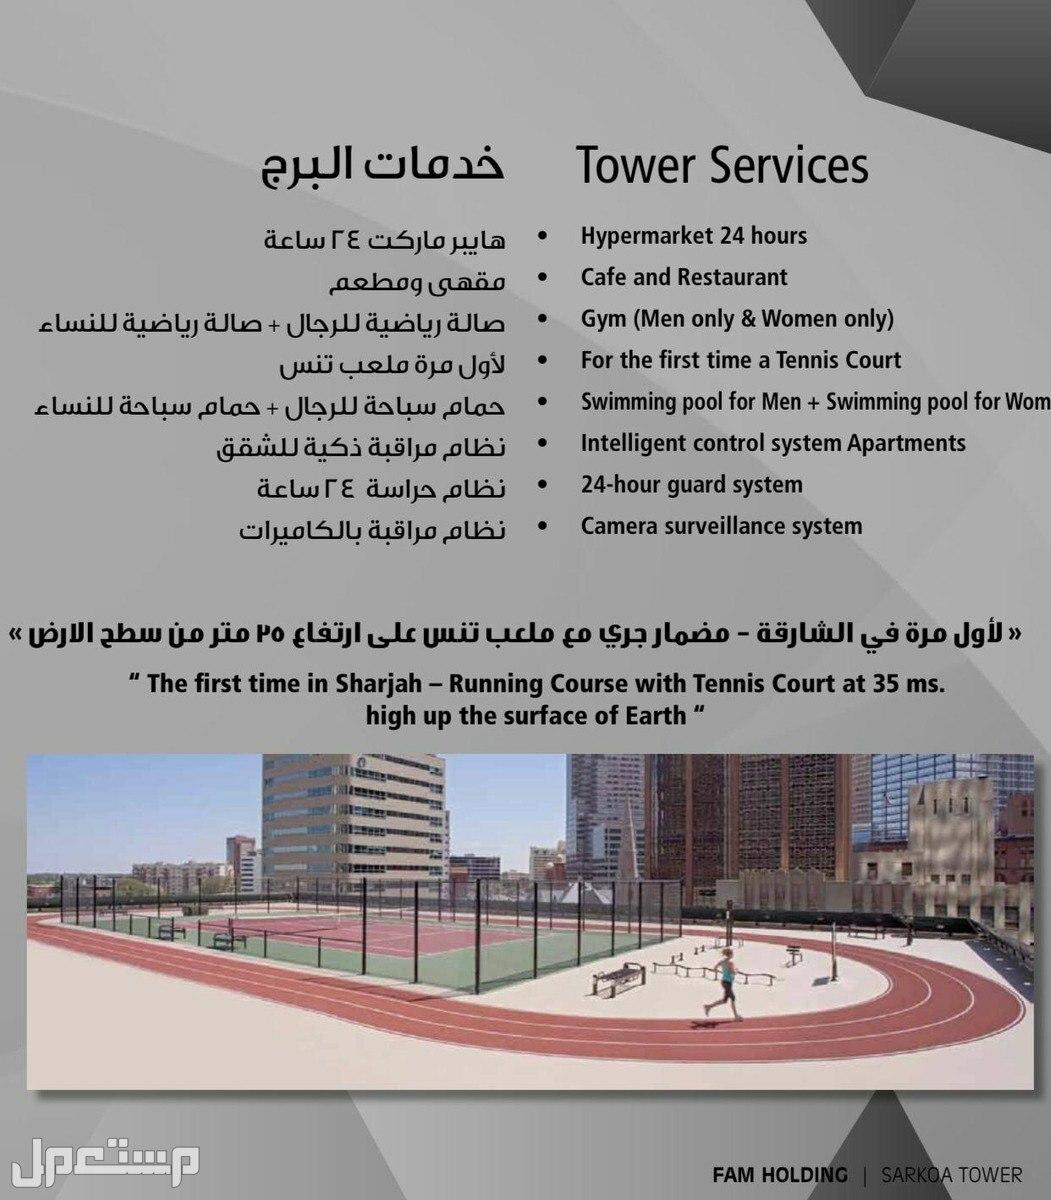 تملك الان في برج ساركوا اقساط على 10 سنوات بدون فوائد او التزامات خدمات البرج